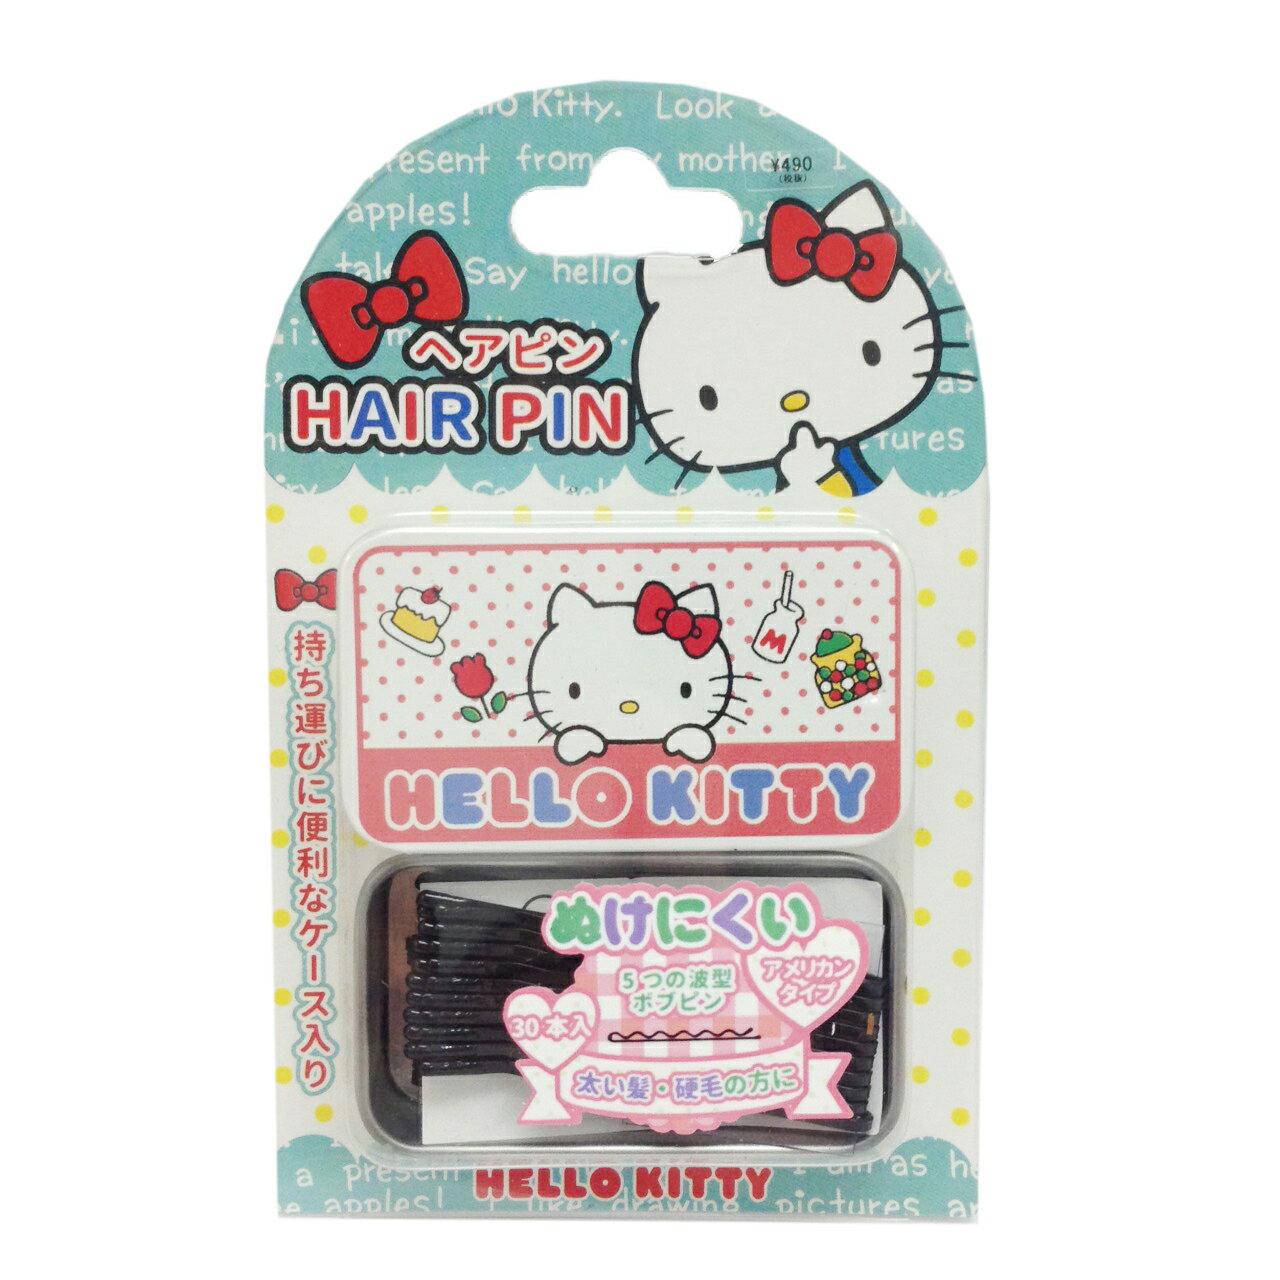 【真愛日本】17022700024抽拉小物髮夾收納盒-KT點心  三麗鷗 Hello Kitty 凱蒂貓 髮飾 飾品 正品 限量